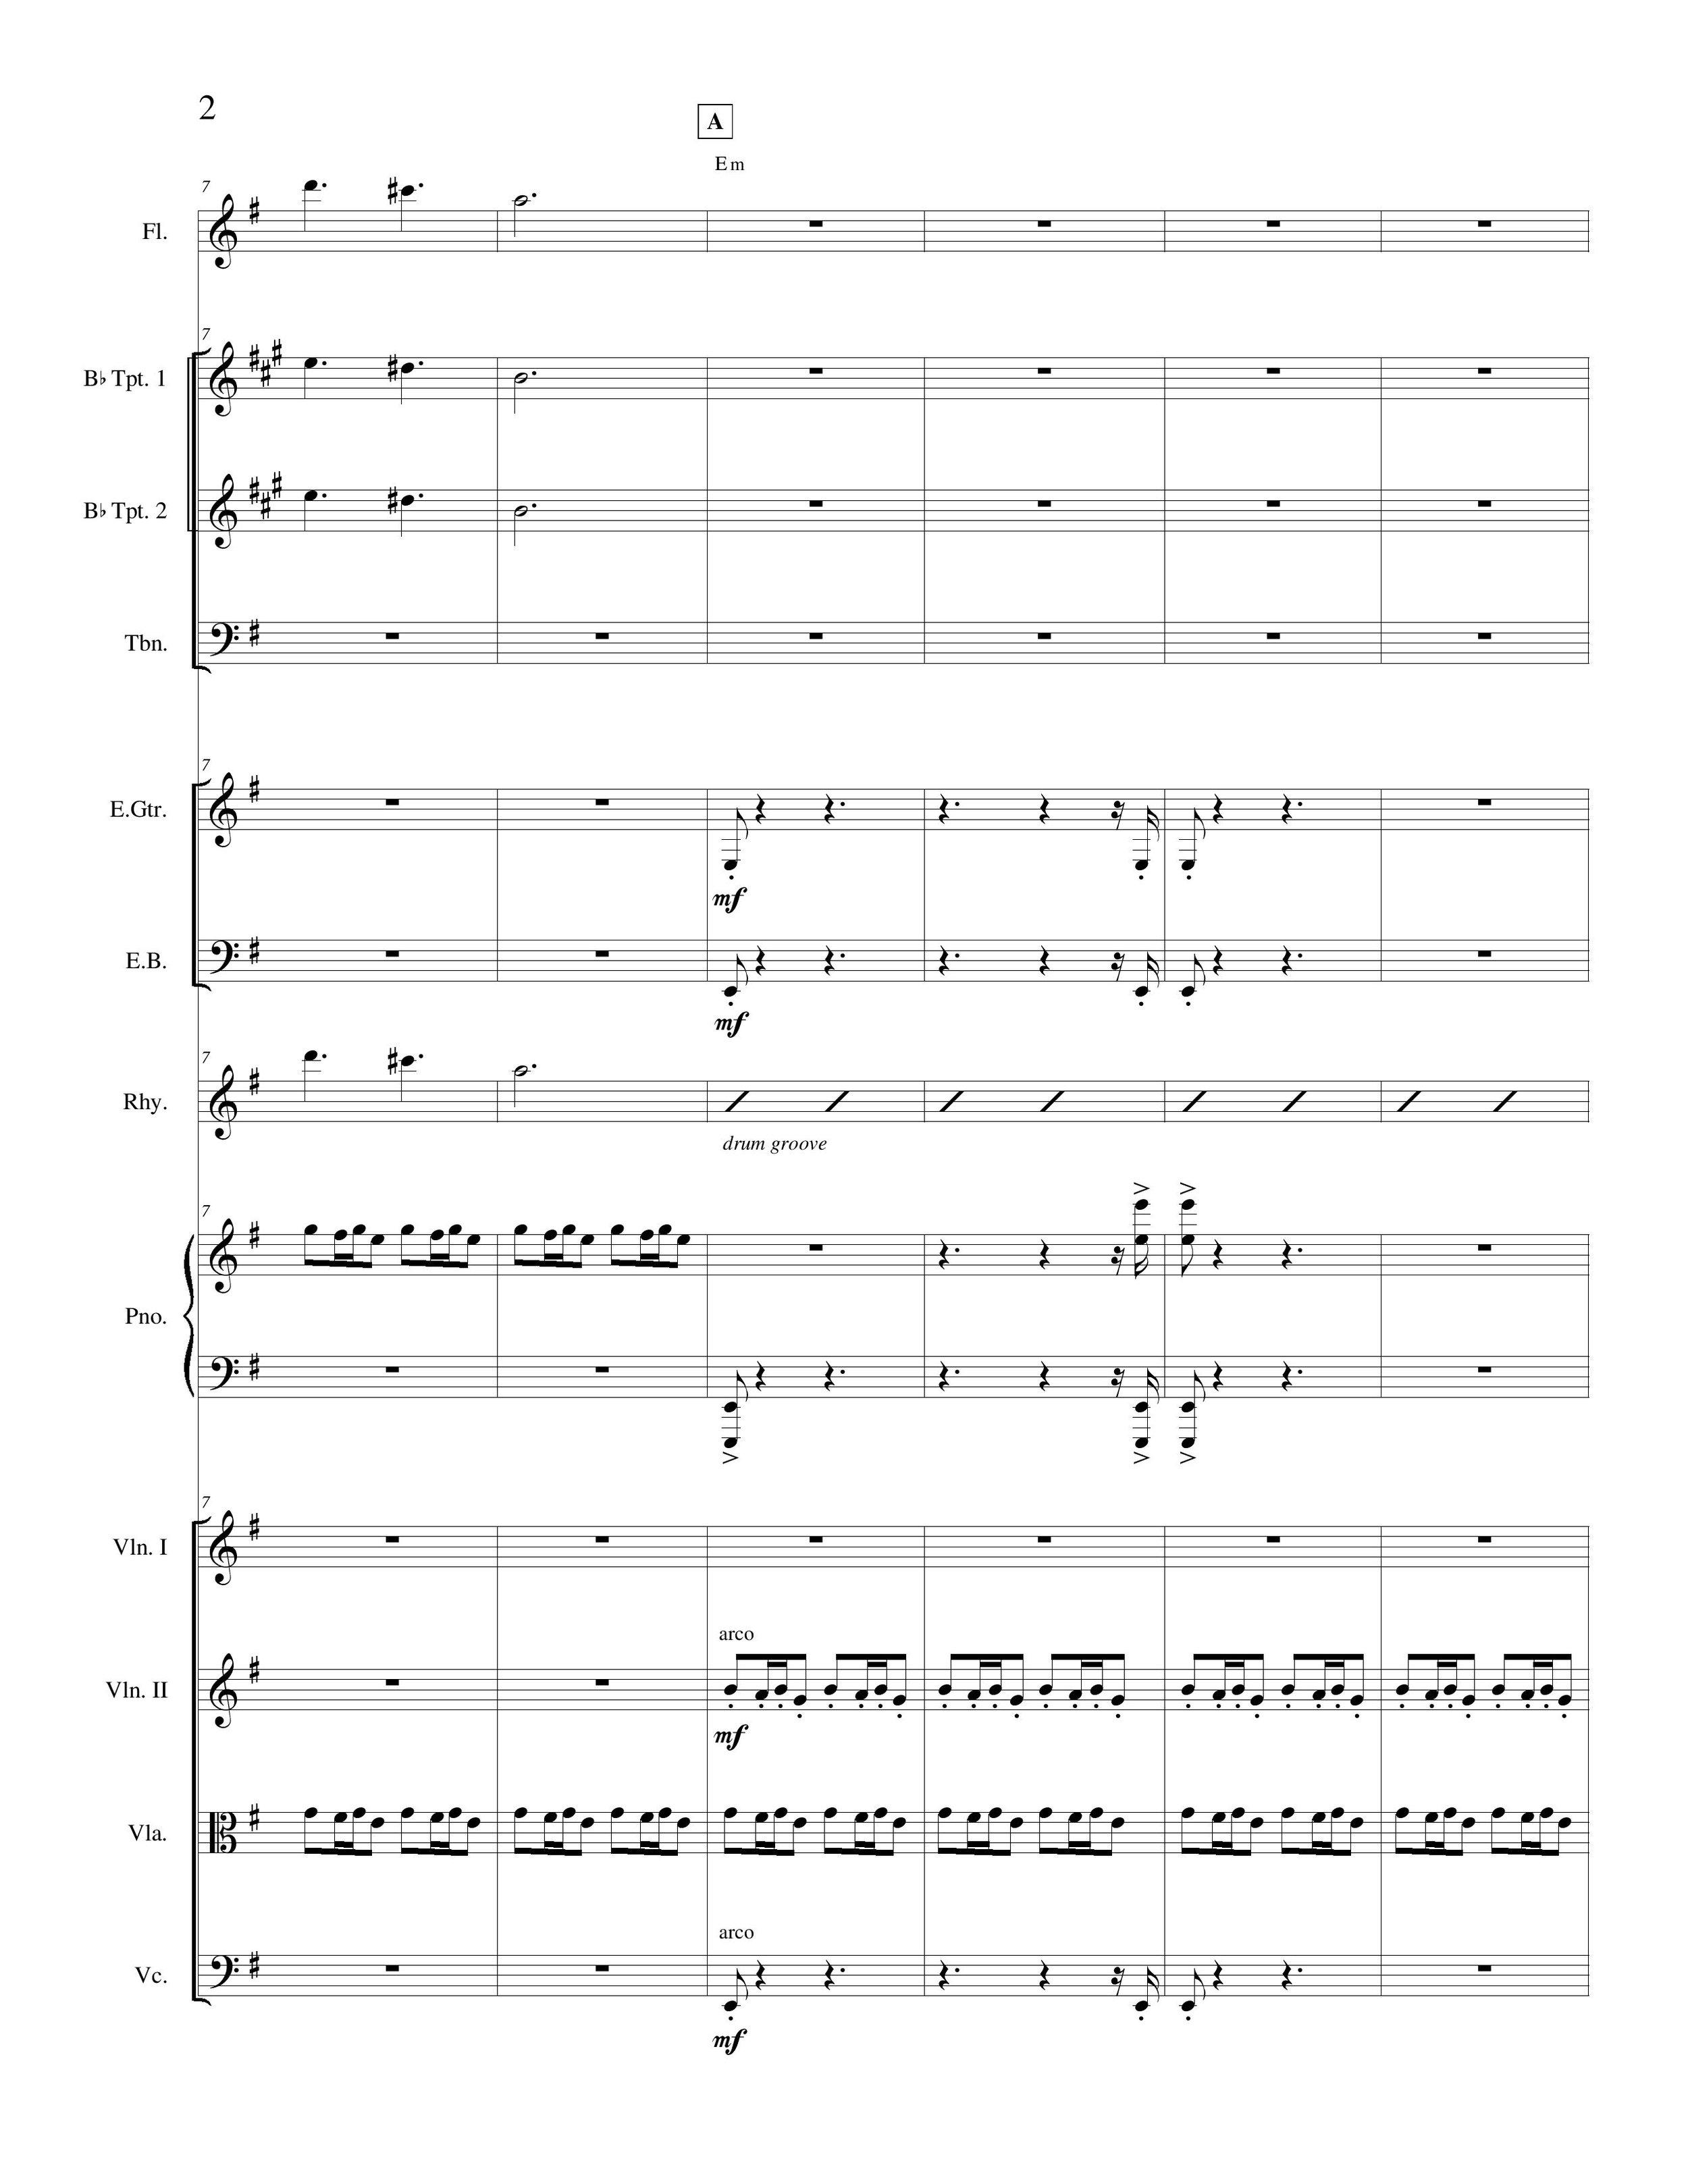 Christmas Overture - Score_02.jpg